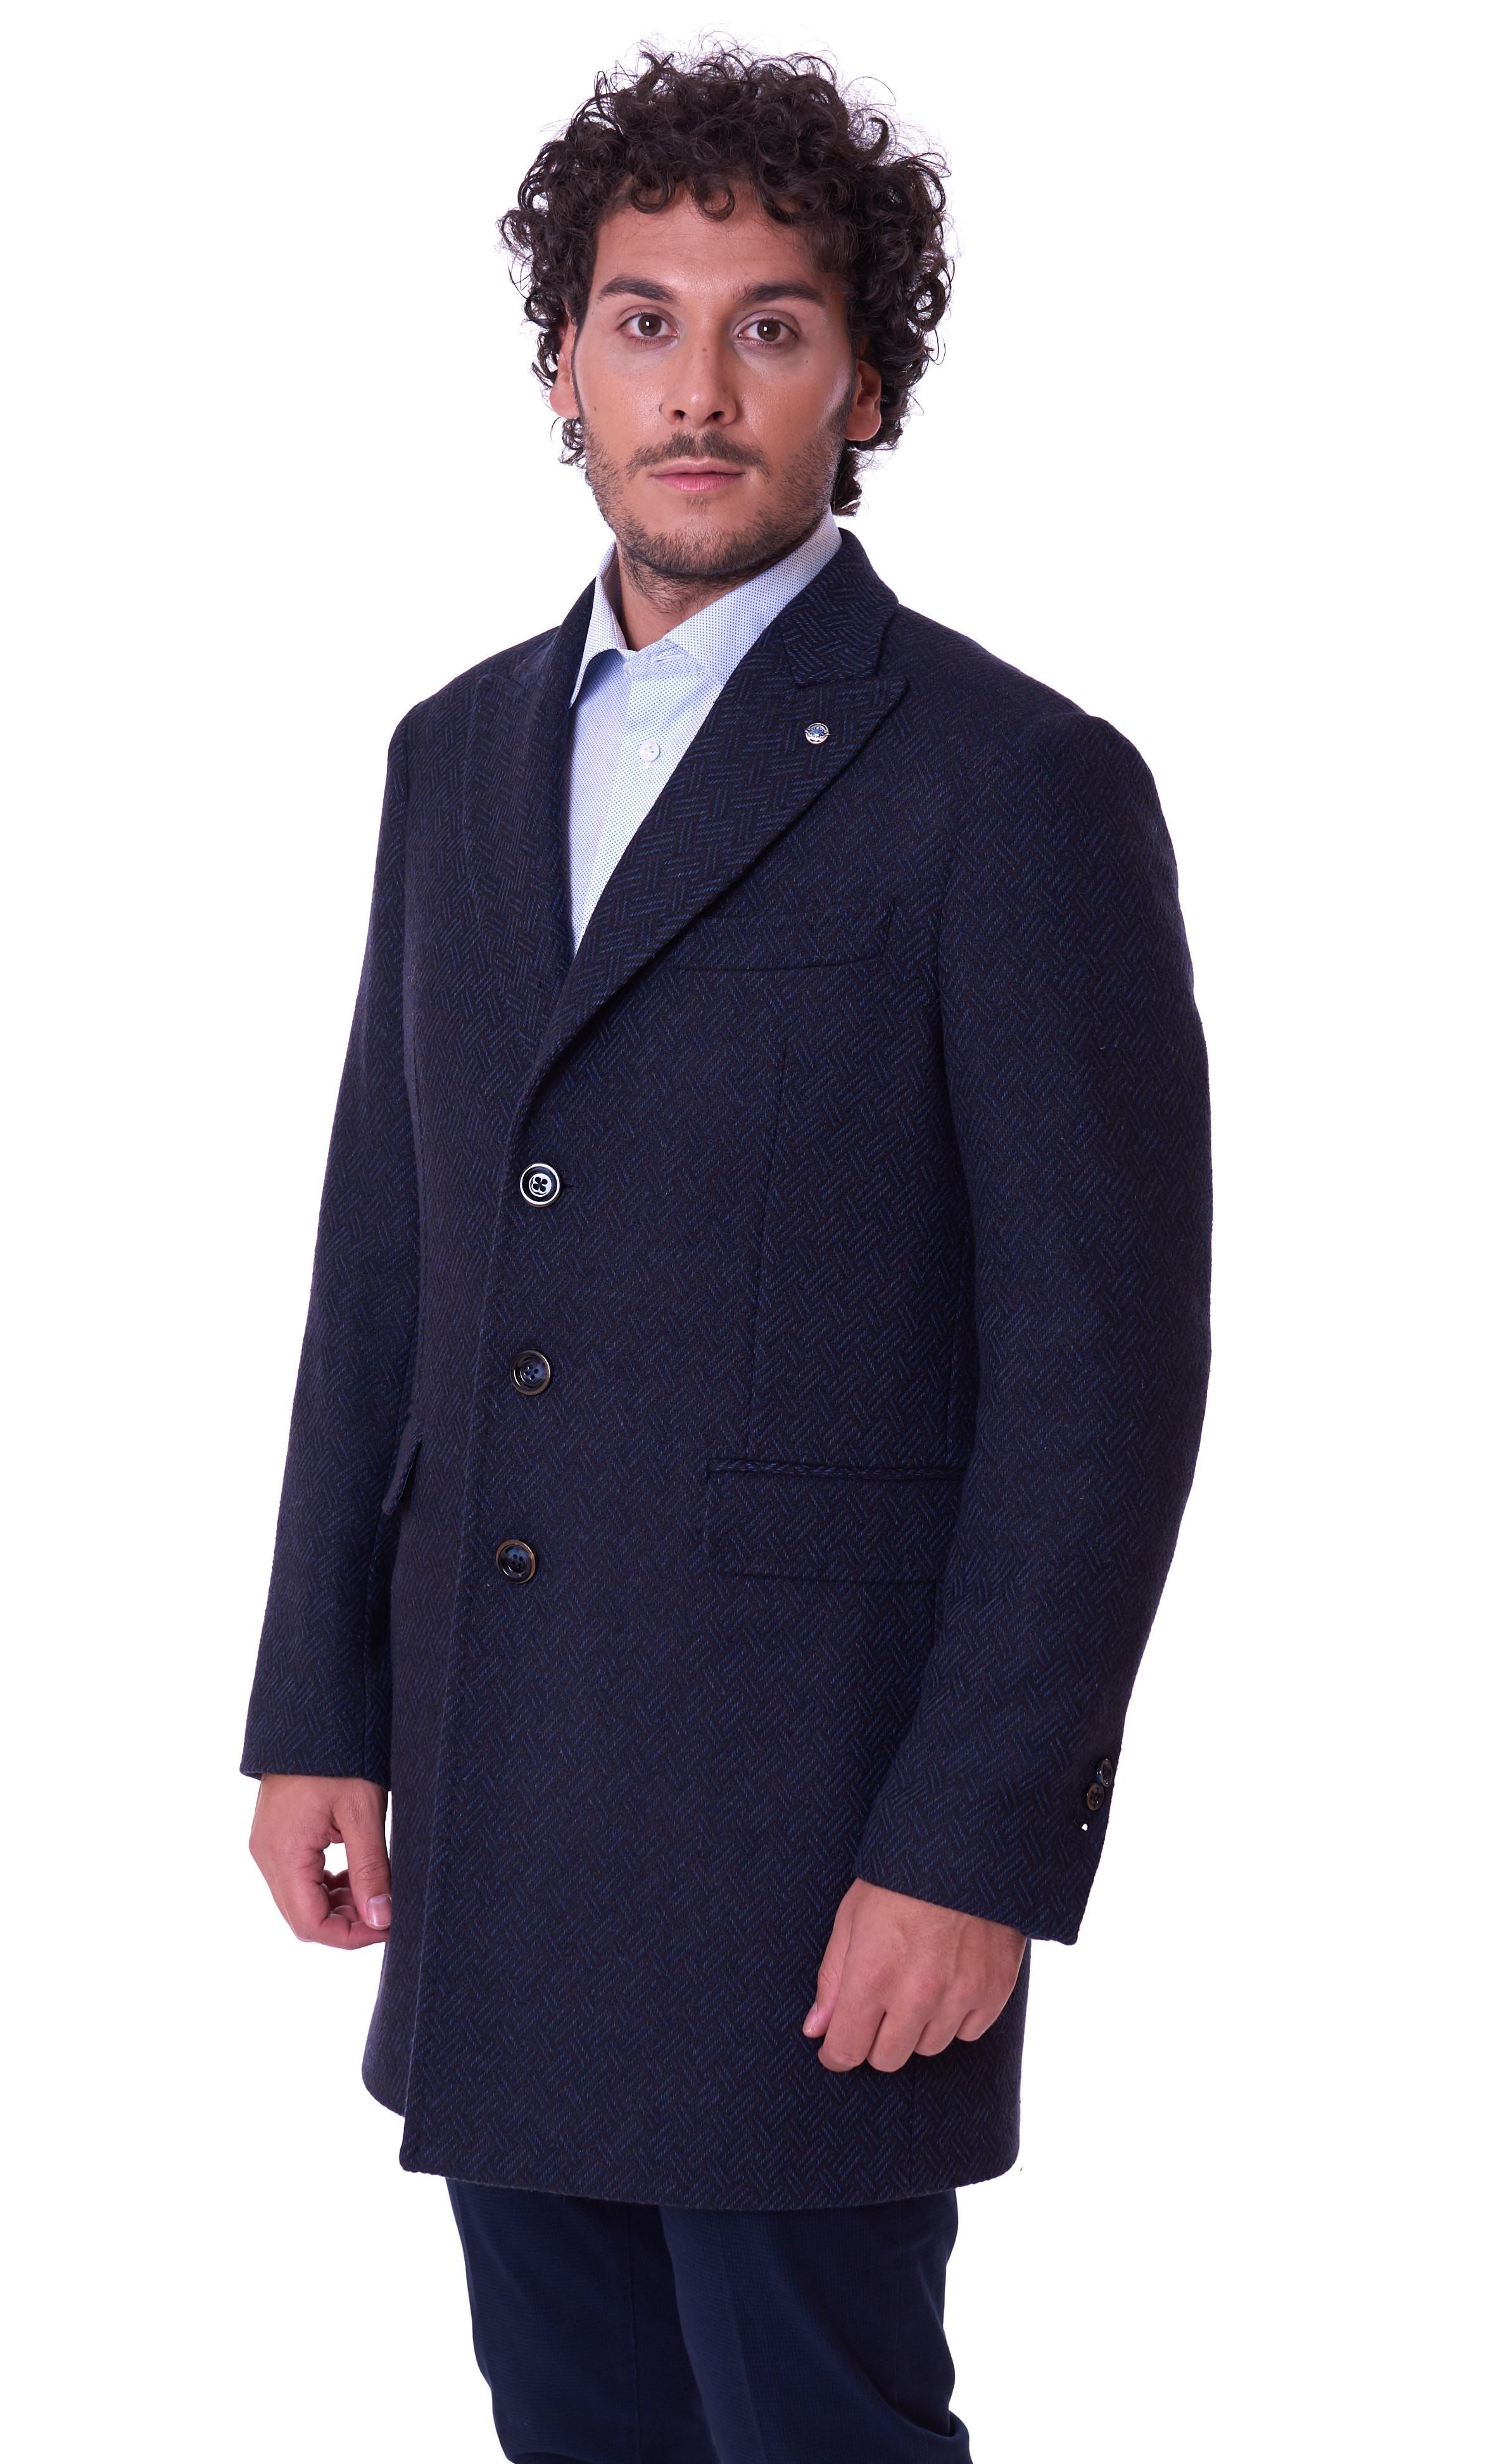 Lancia Lancia Monopetto Monopetto Cappotto Cappotto A A xqUcwBRZwW